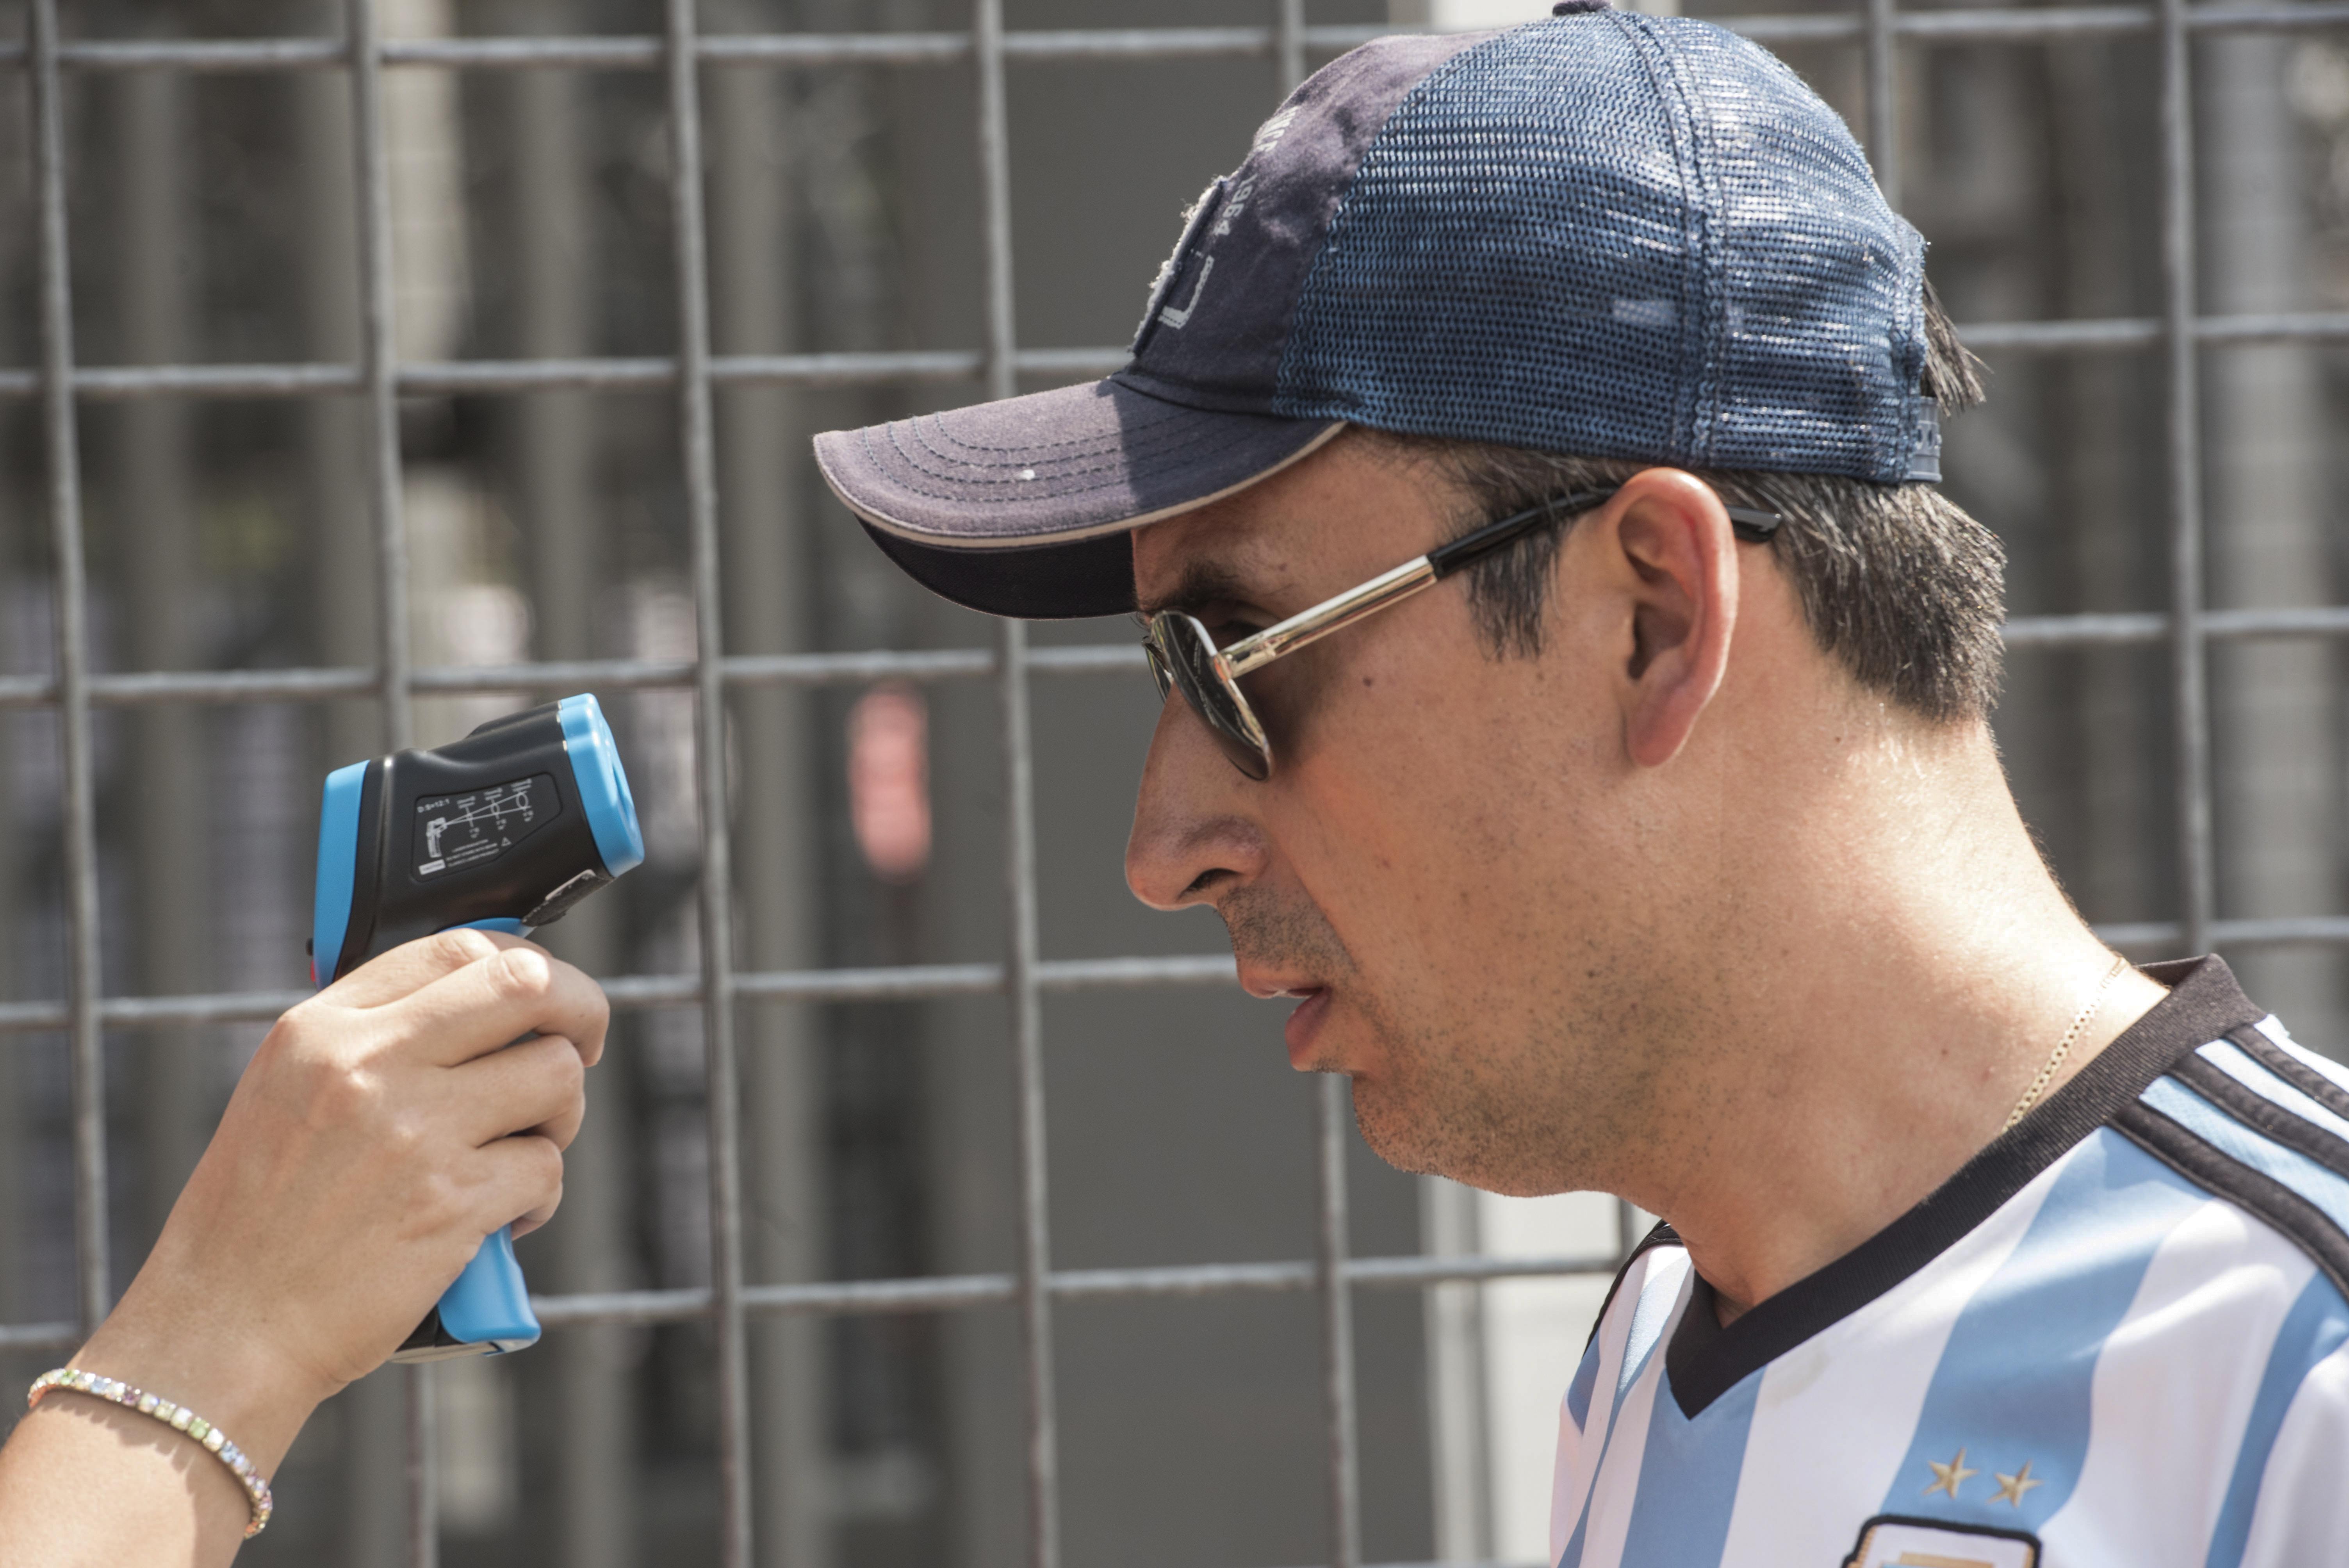 El personal de salud verifica la temperatura de un asistente al festival de música 'Vive Latino' como medida preventiva frente a la pandemia mundial de coronavirus COVID-19, en la Ciudad de México, el 14 de marzo de 2020.